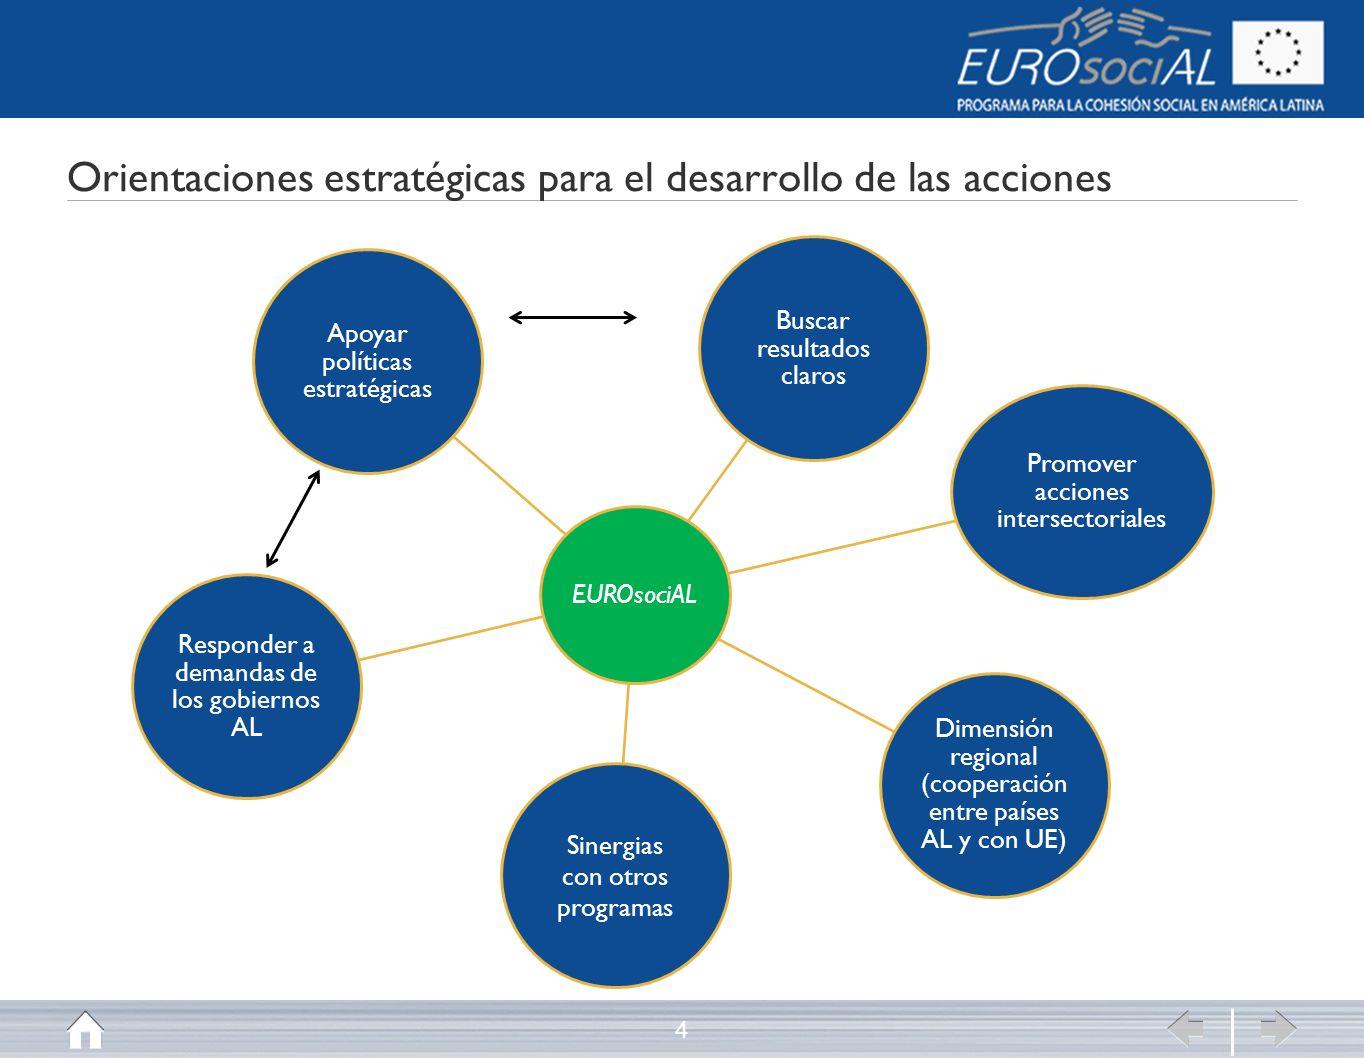 Orientaciones estratégicas para el desarrollo de las acciones 4 EUROsociAL Buscar resultados claros Promover acciones intersectoriales Dimensión regional (cooperación entre países AL y con UE) Sinergias con otros programas Responder a demandas de los gobiernos AL Apoyar políticas estratégicas